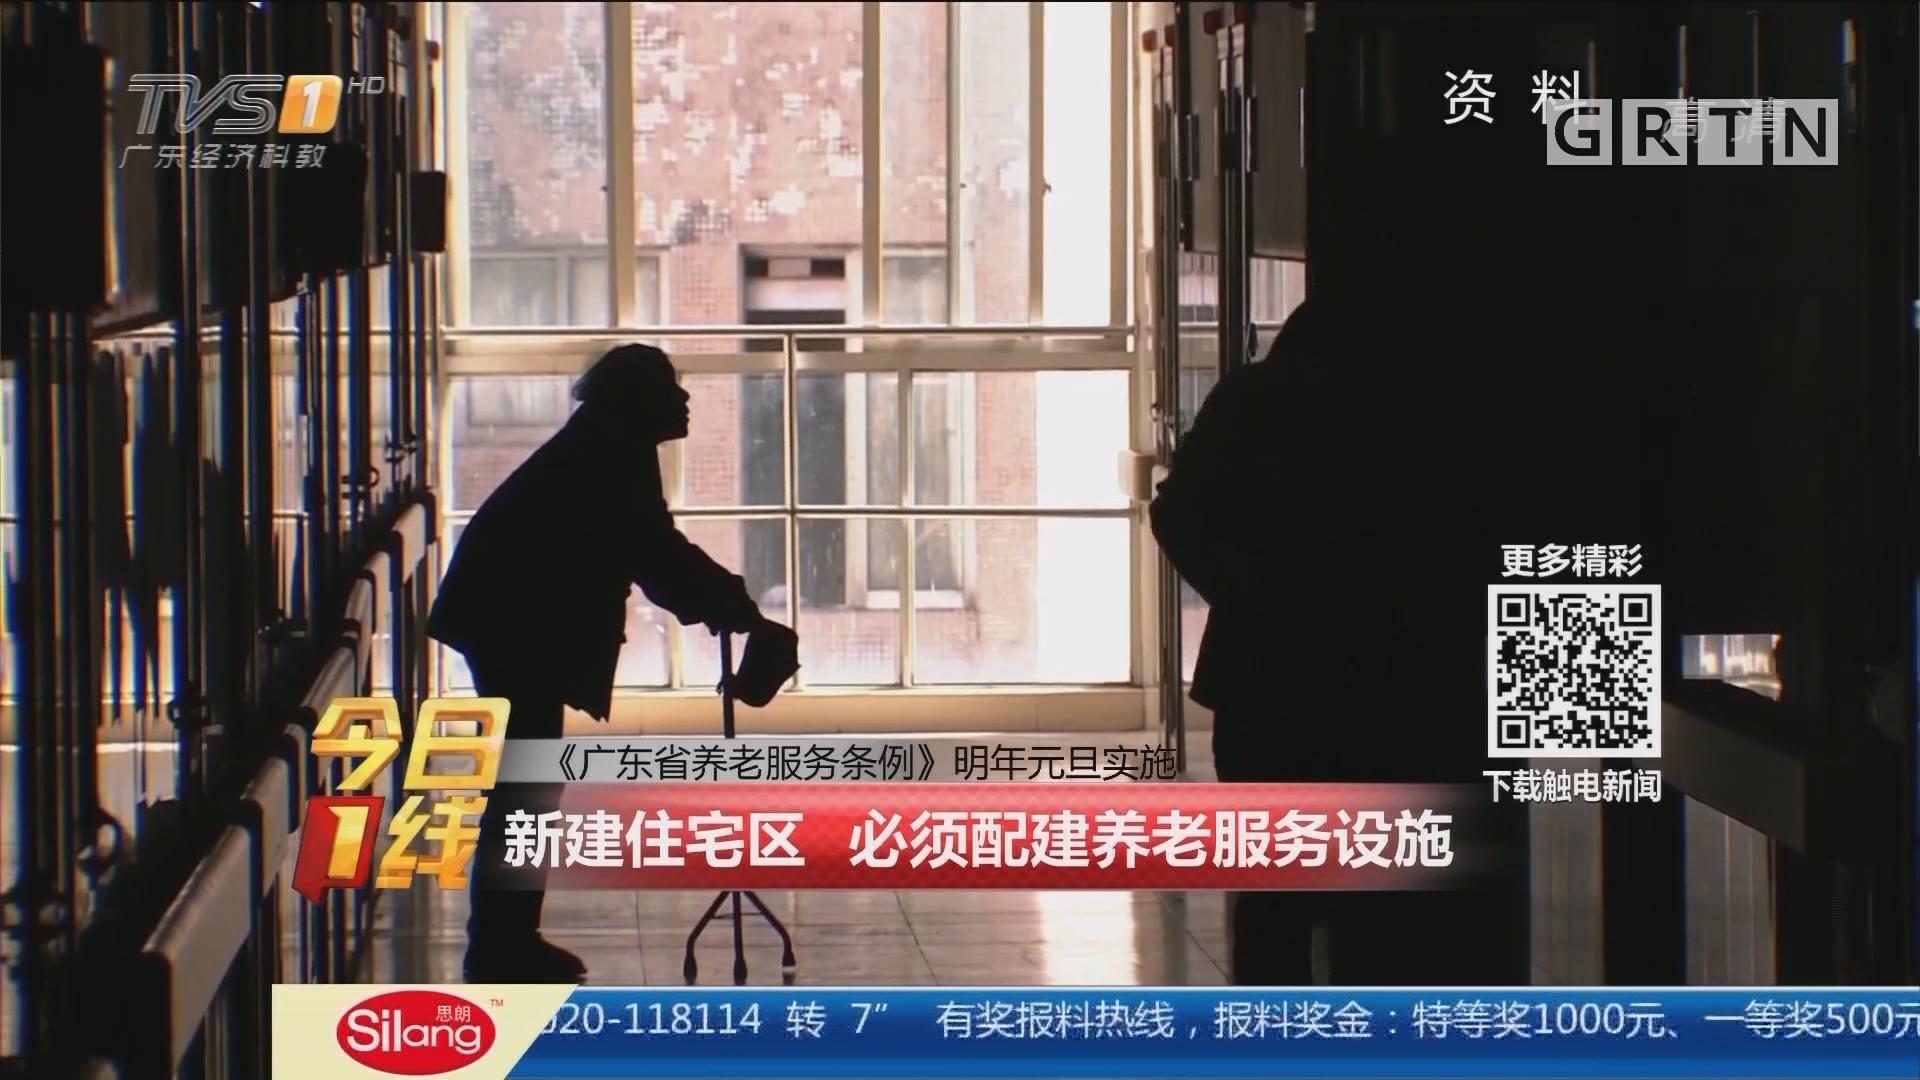 《广东省养老服务条例》明年元旦实施:新建住宅区 必须配建养老服务设施